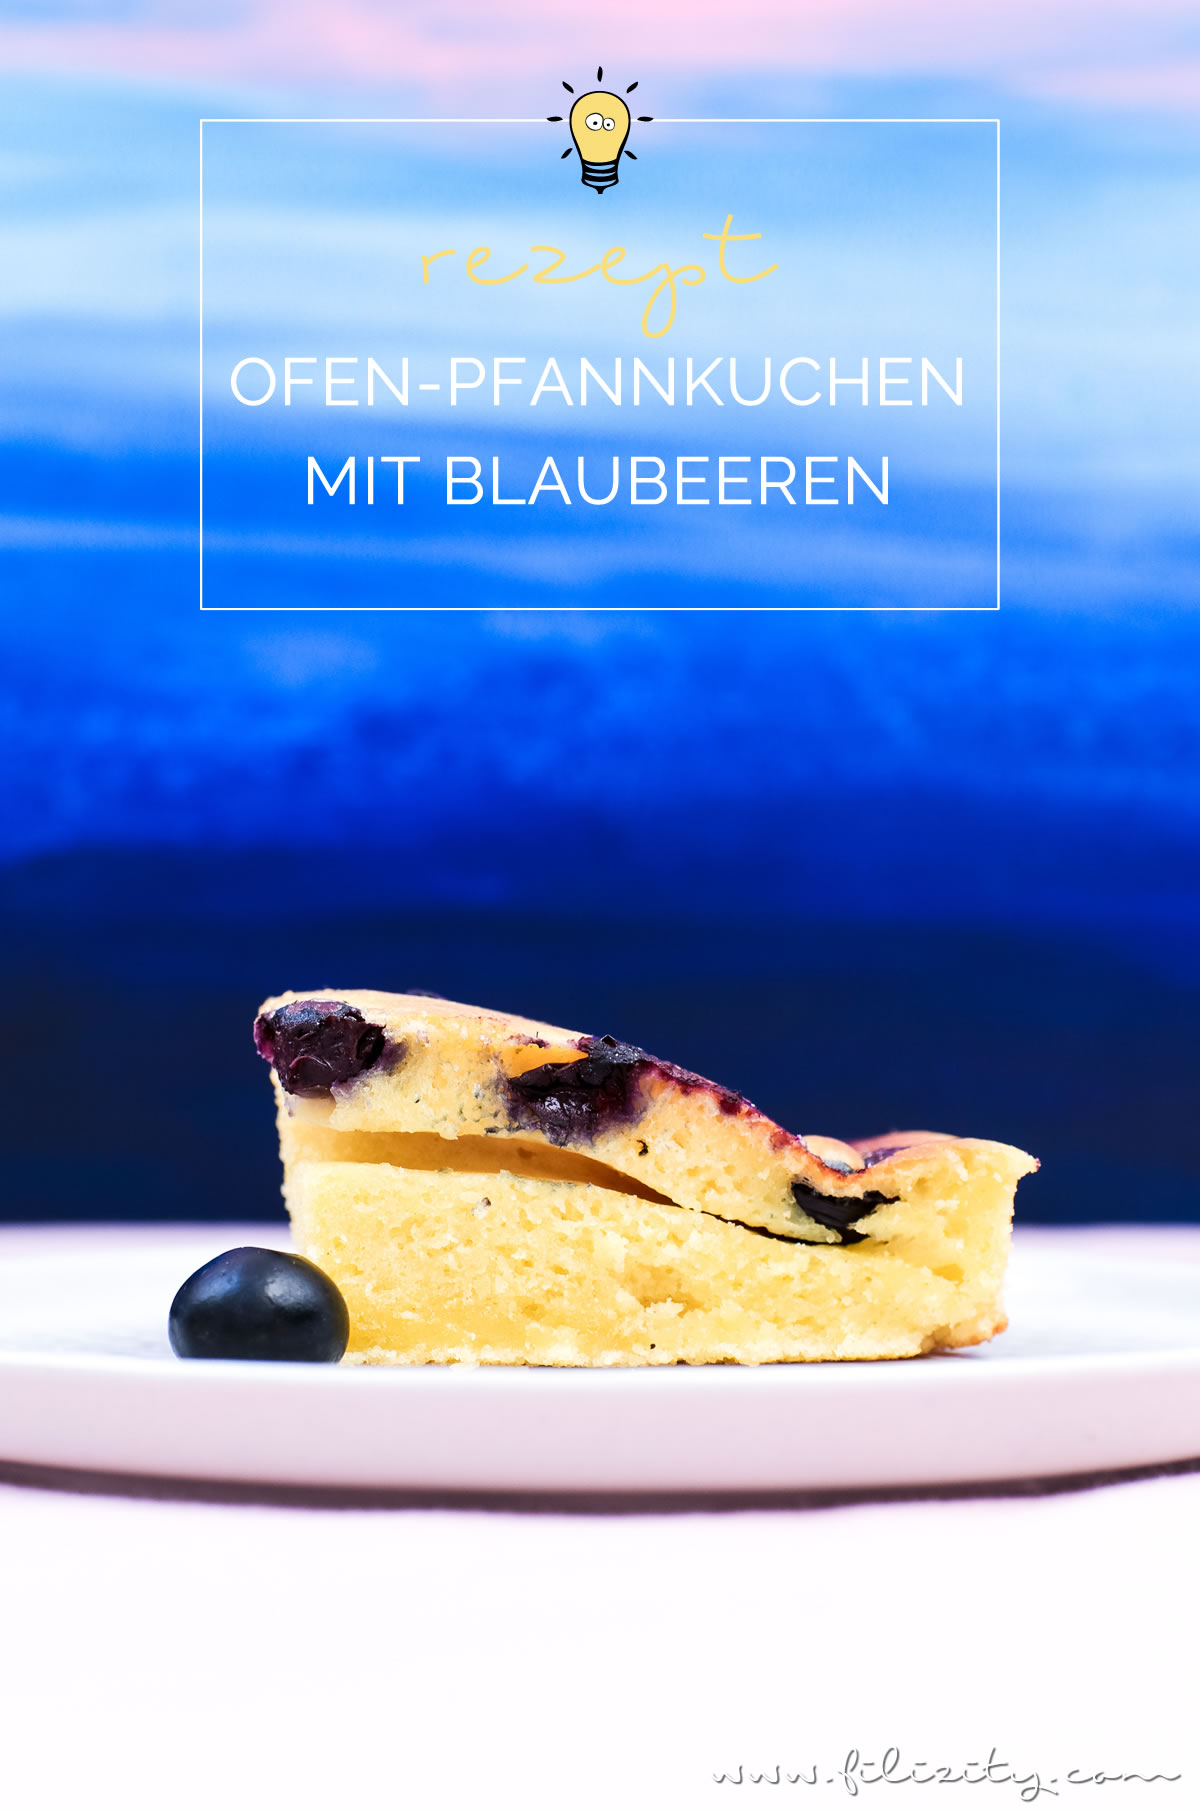 ofen pfannkuchen mit blaubeeren zum fr hst ck oder als dessert food blog aus. Black Bedroom Furniture Sets. Home Design Ideas